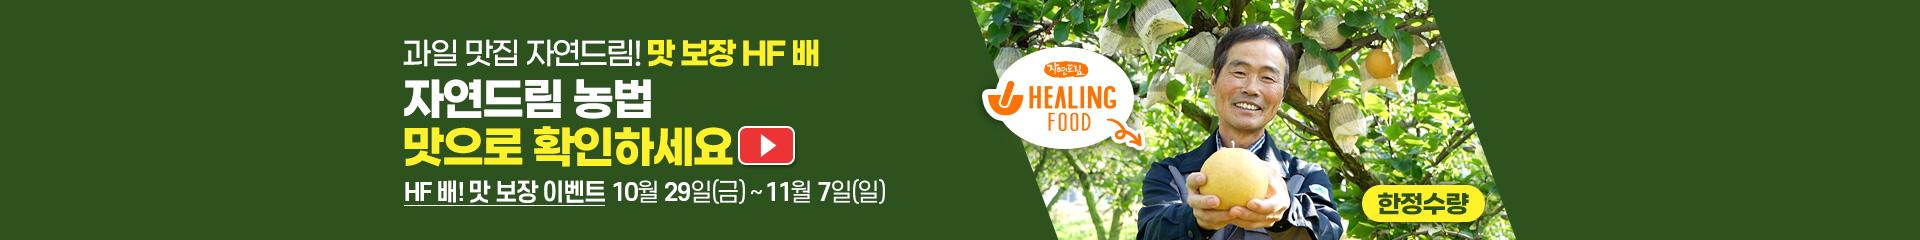 자연드림농법맛으로확인하세요(배)